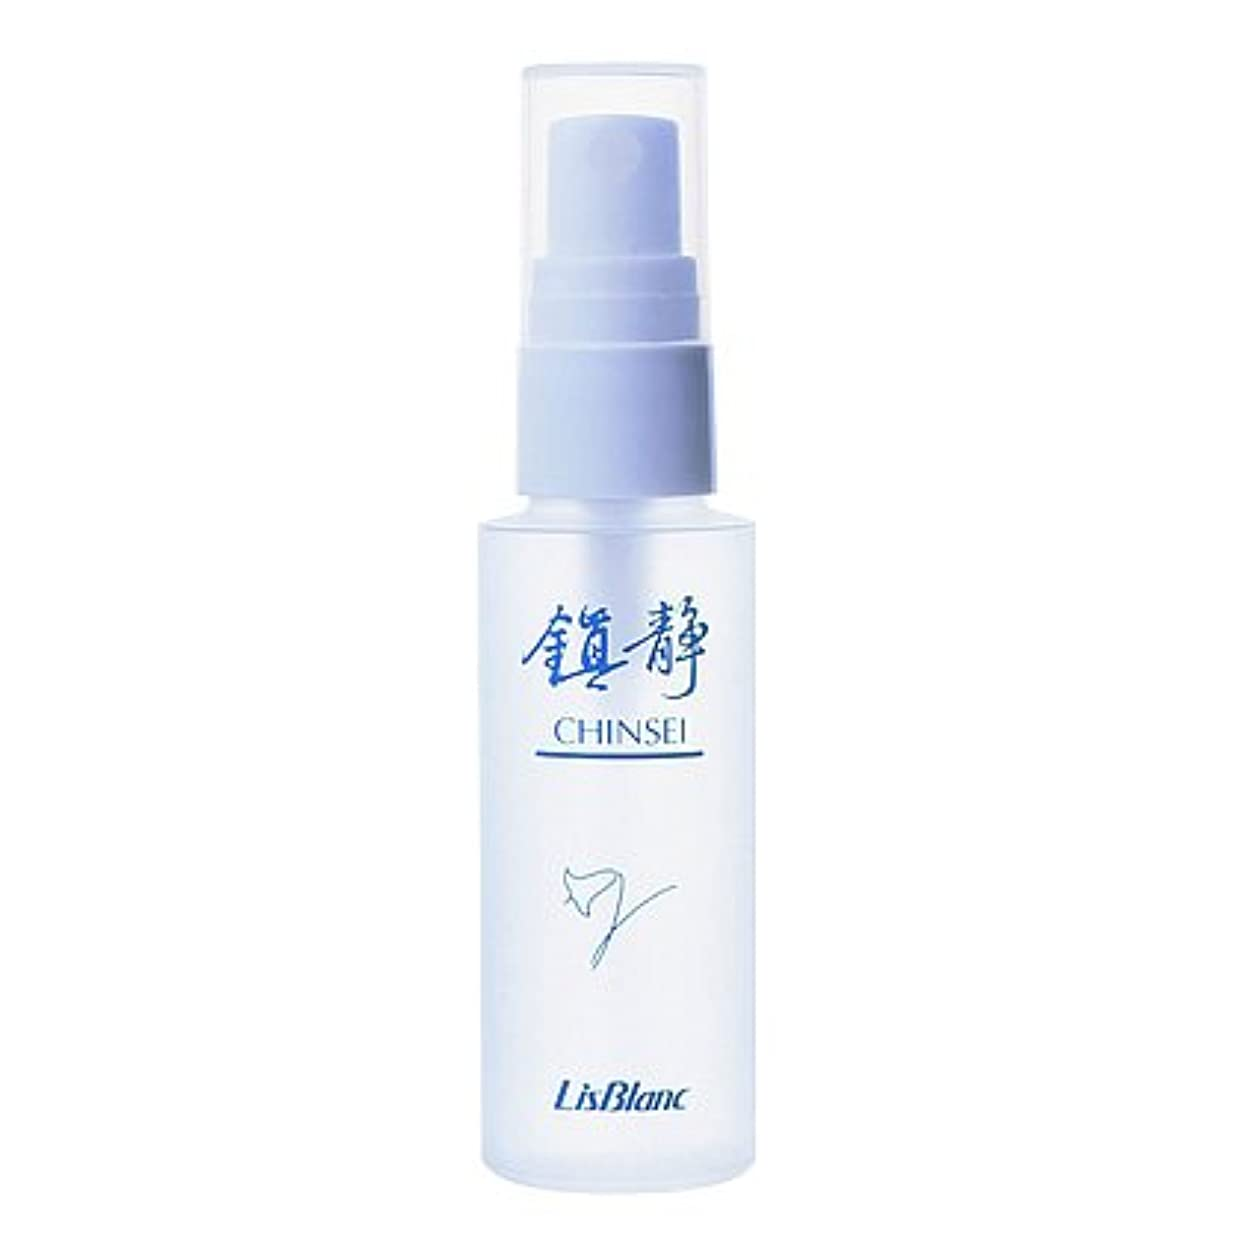 熟した先見の明繊毛リスブラン しずかスプレー 50mL フェイス&ボディ用化粧水